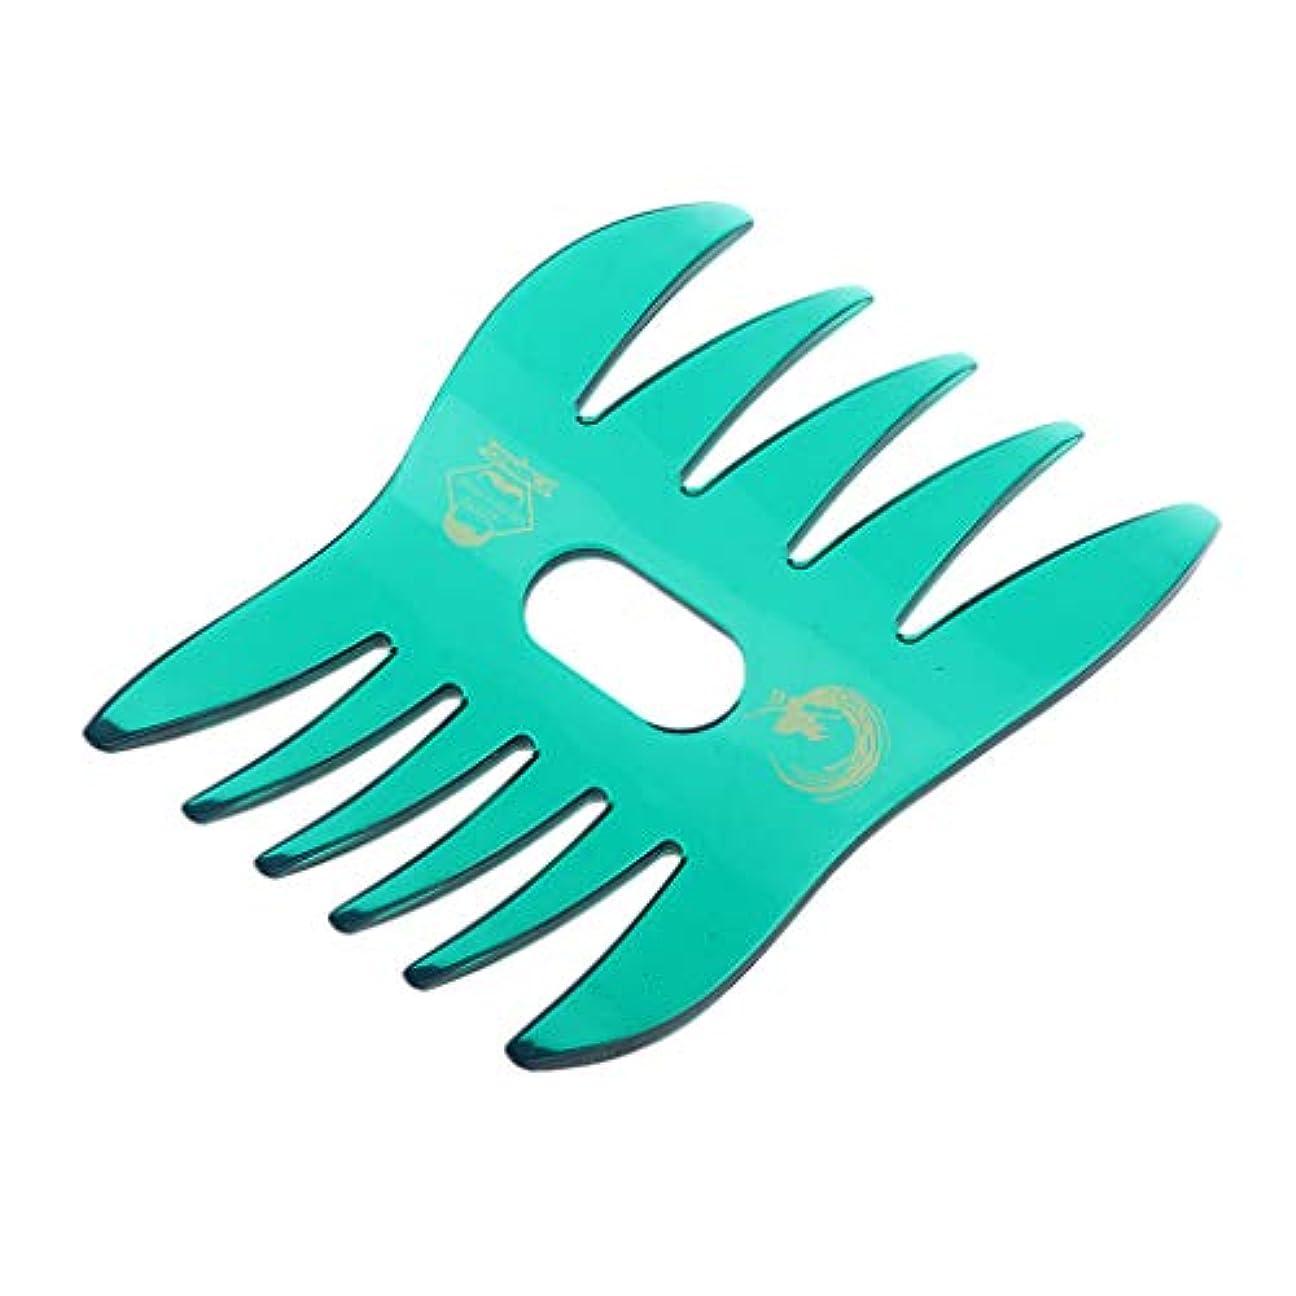 Sharplace ヘアコーム デュアルサイド 櫛 くし サロン ヘアスタイル 4色選べ - 緑